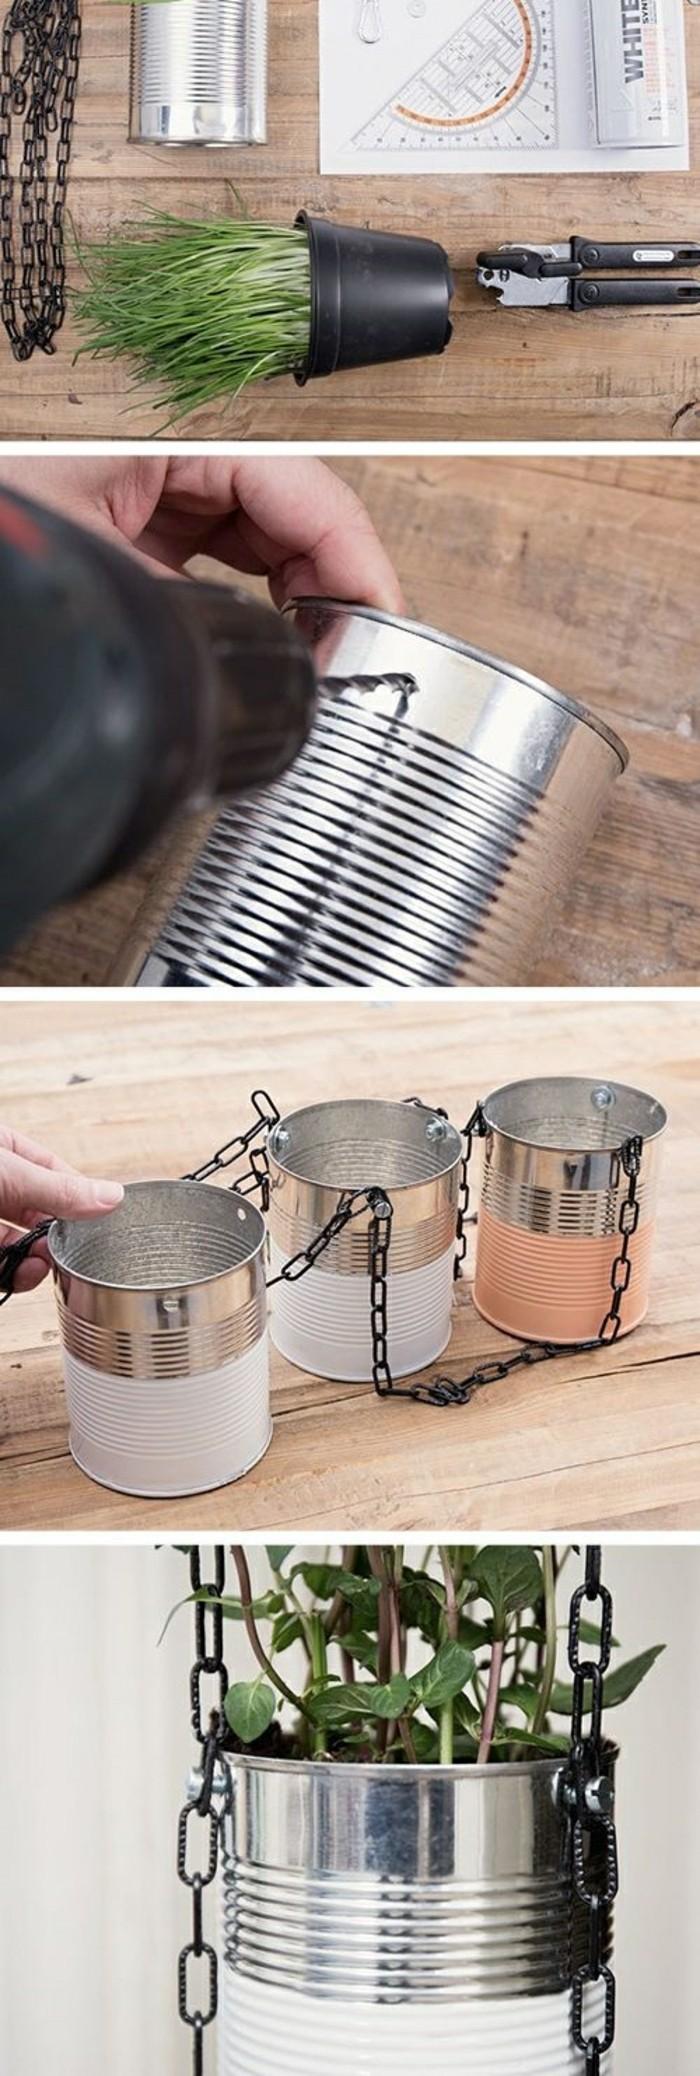 manualidades con latas de refresco super originales, como hacer macetas DIY de latas recicladas